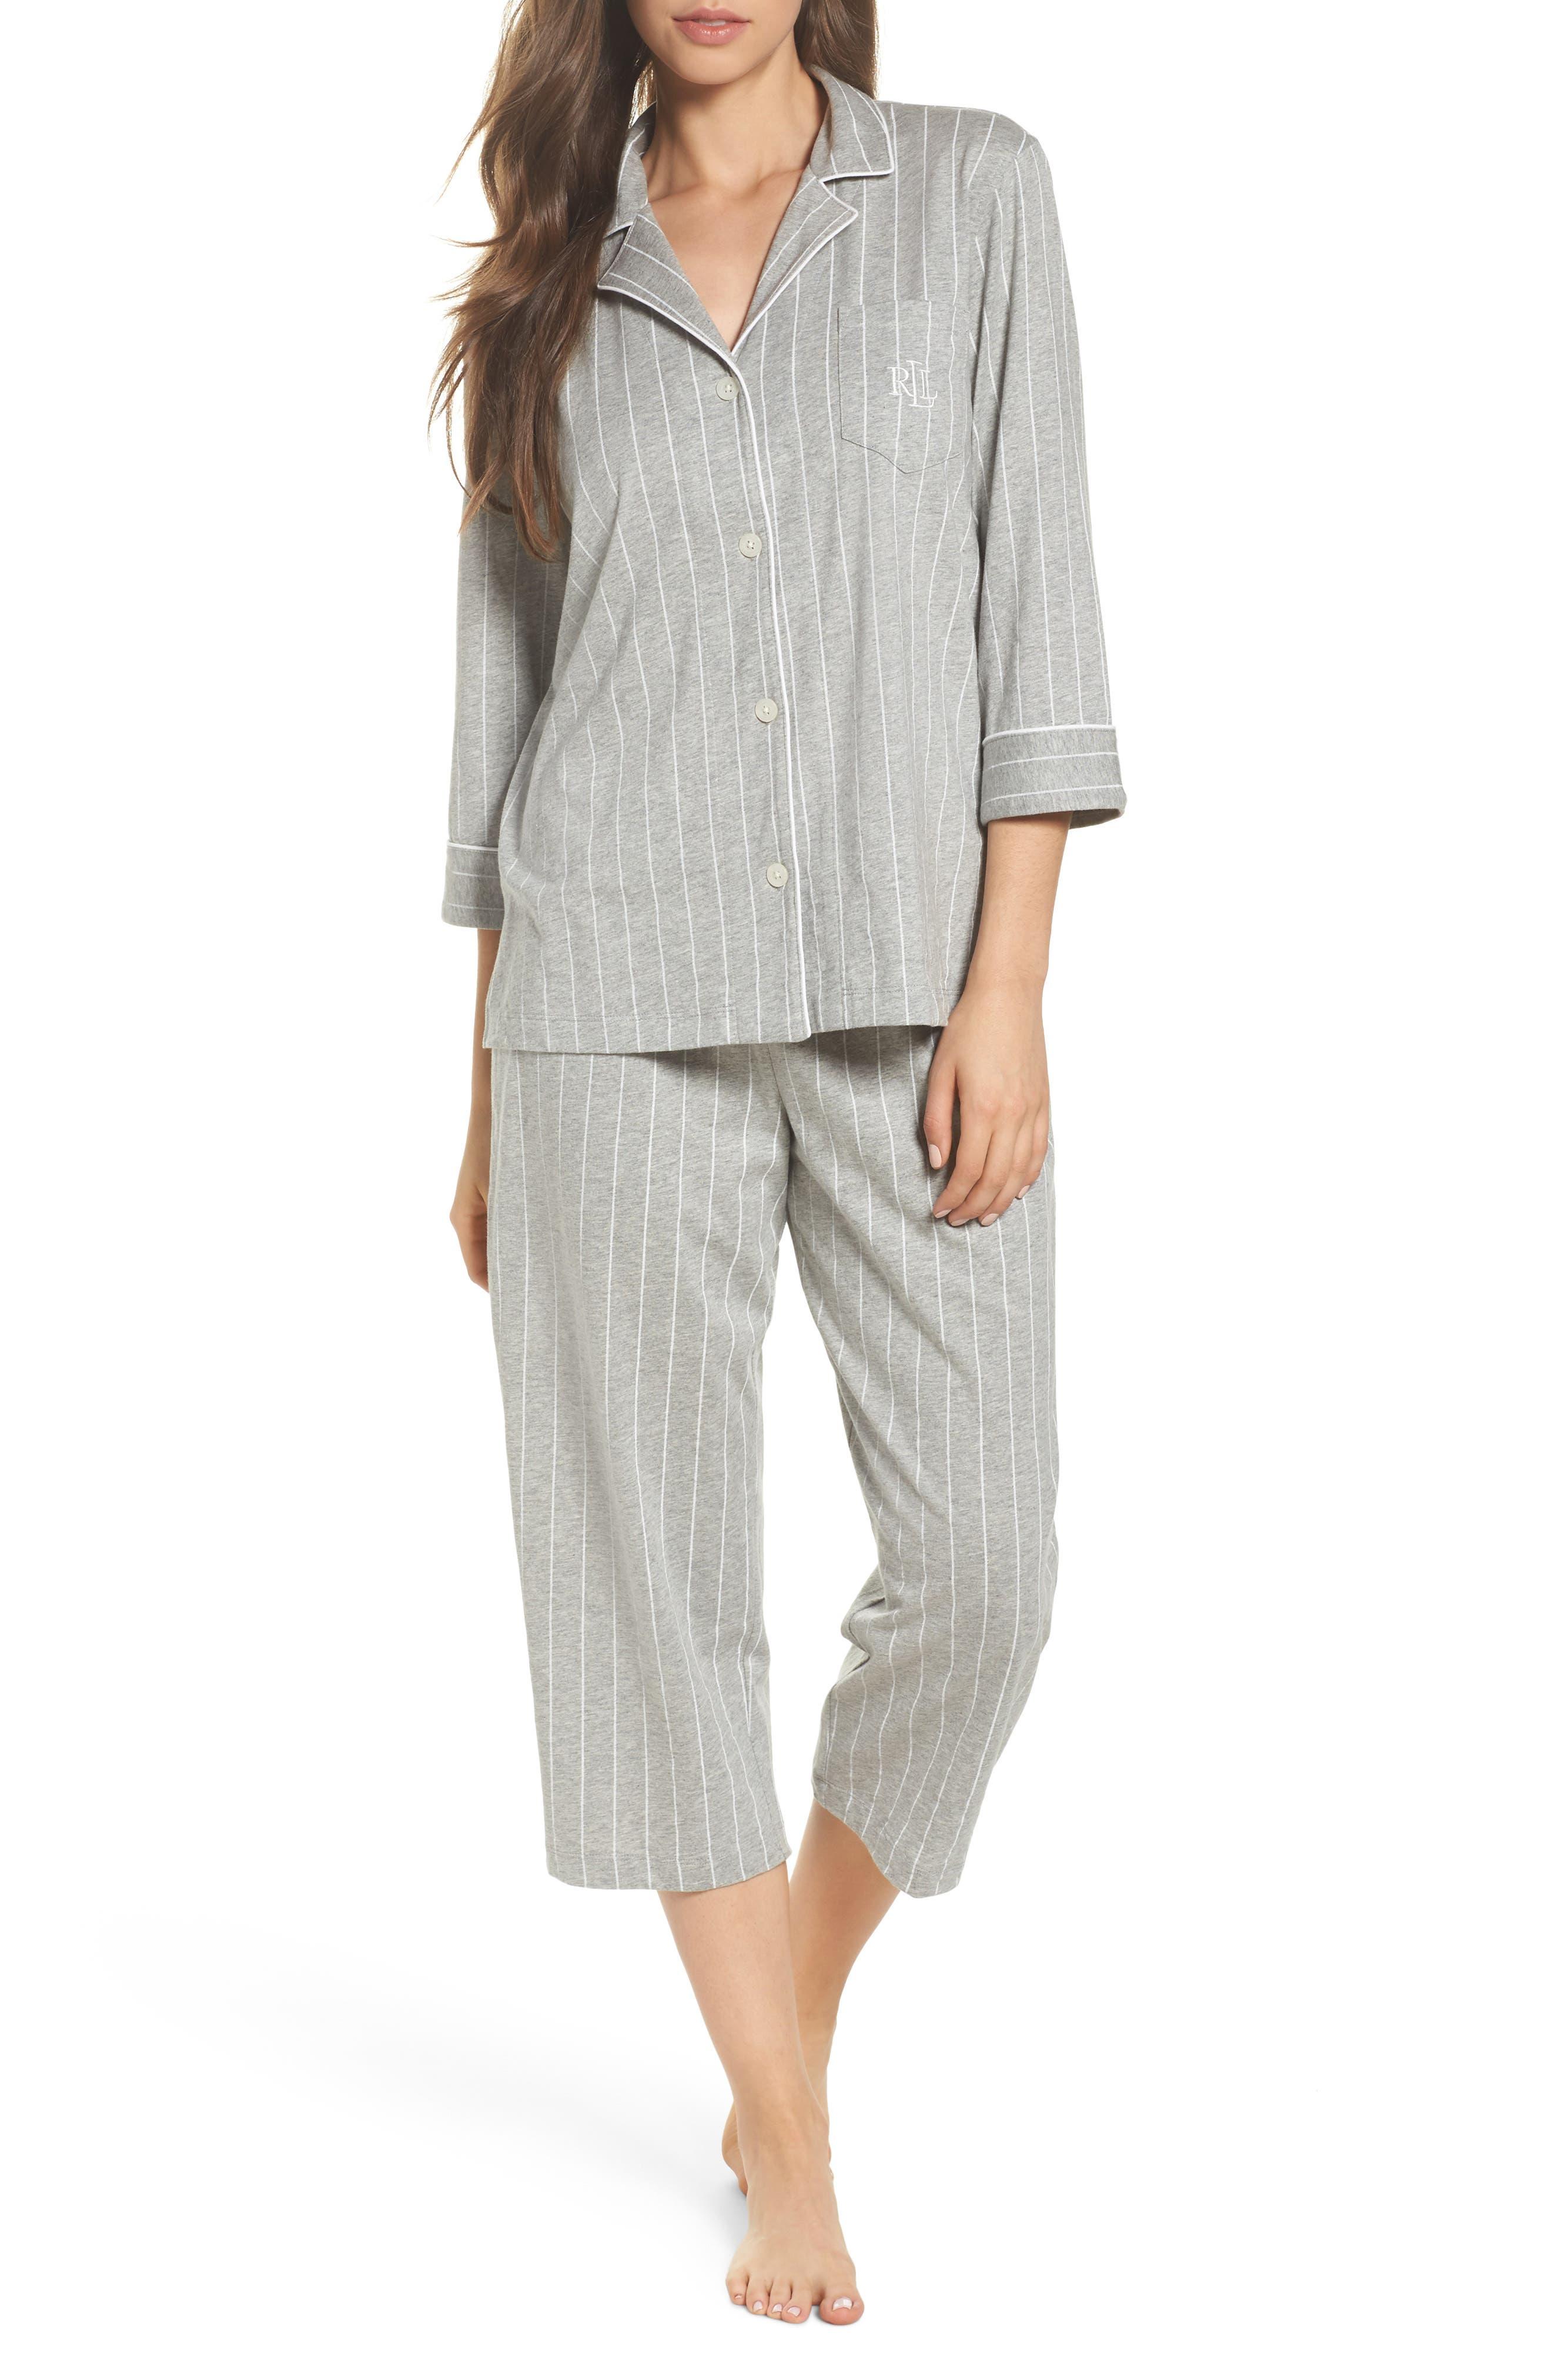 LAUREN RALPH LAUREN Knit Crop Pajamas, Main, color, GREYSTONE